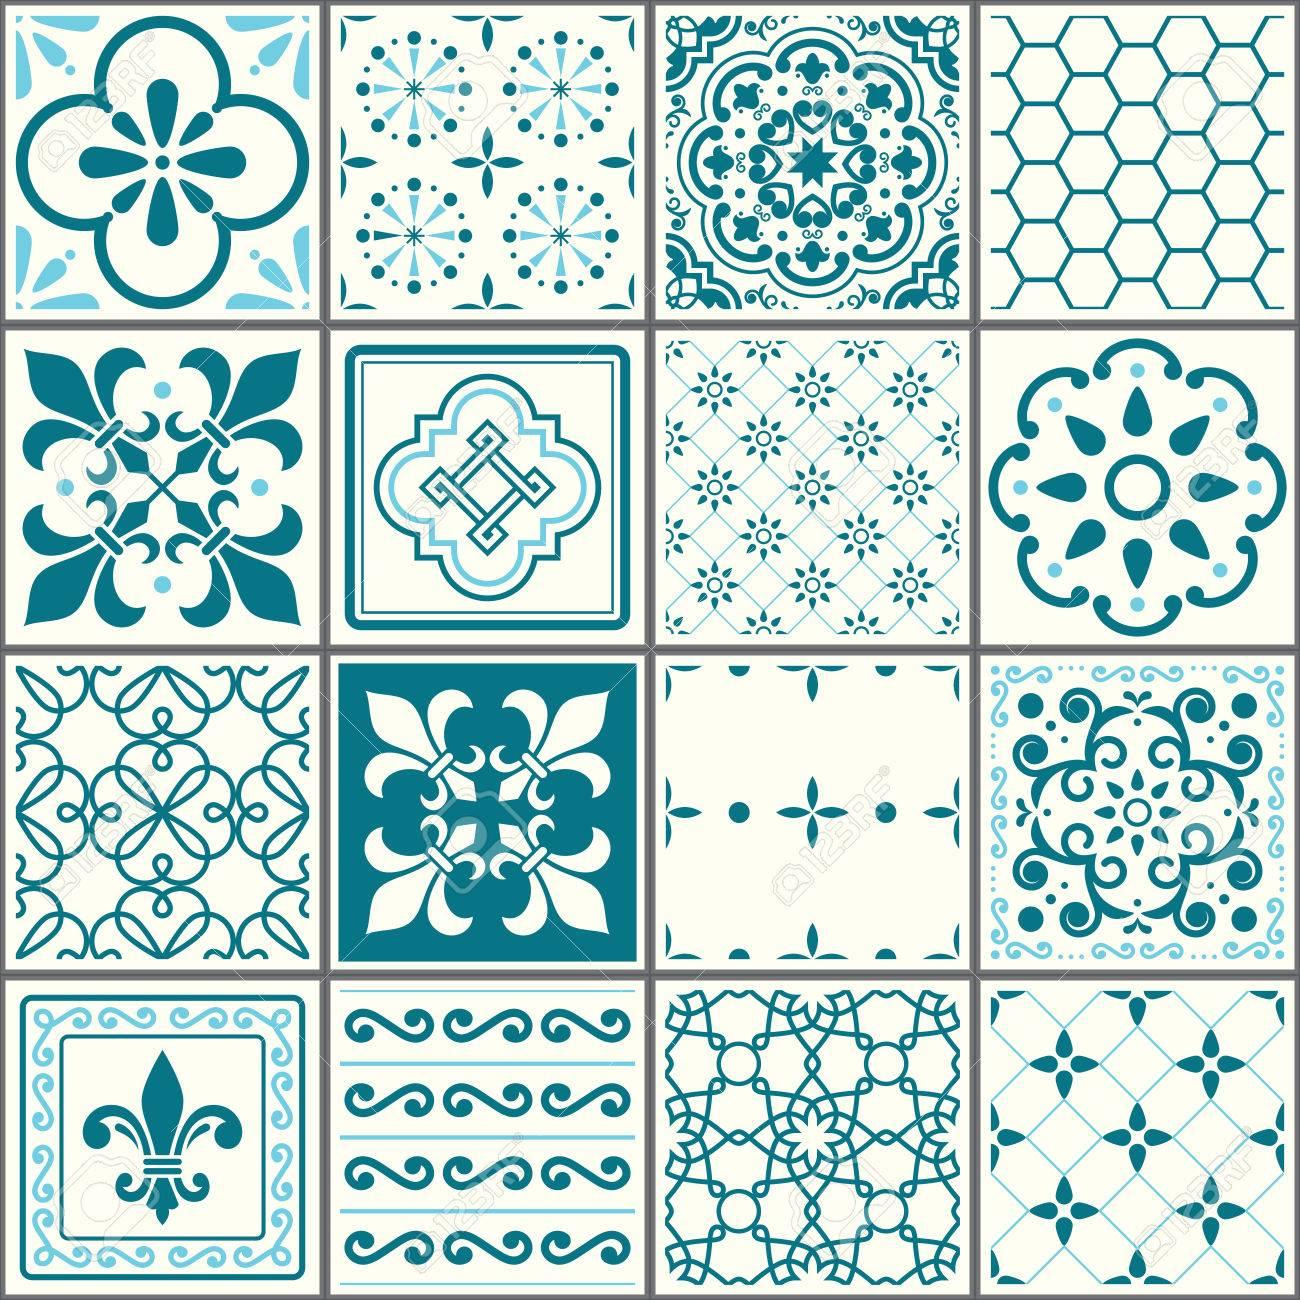 Motif De Carrelage Portugais Carreaux Turquoise Sans Soudure De Lisbonne Design Ceramique Geometrique Vintage Azulejos Clip Art Libres De Droits Vecteurs Et Illustration Image 84628624